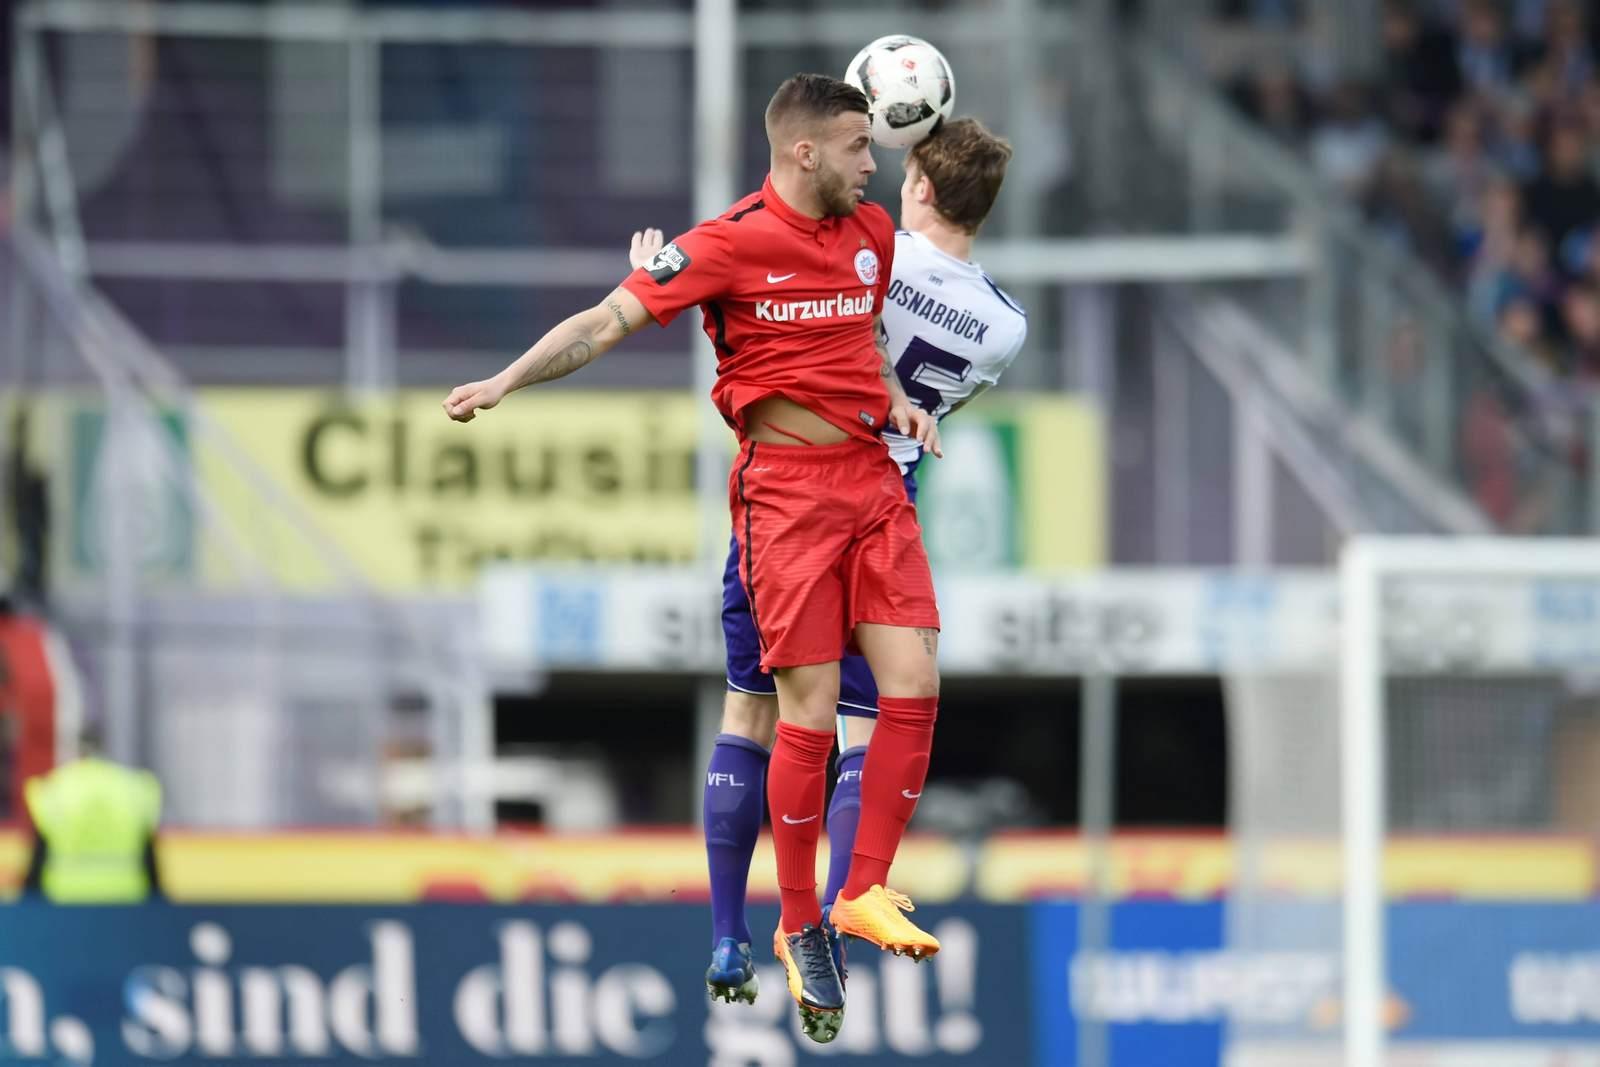 Christian Groß und Fabian Holthaus im Duell. Jetzt auf die Partie Rostock gegen Osnabrück wetten